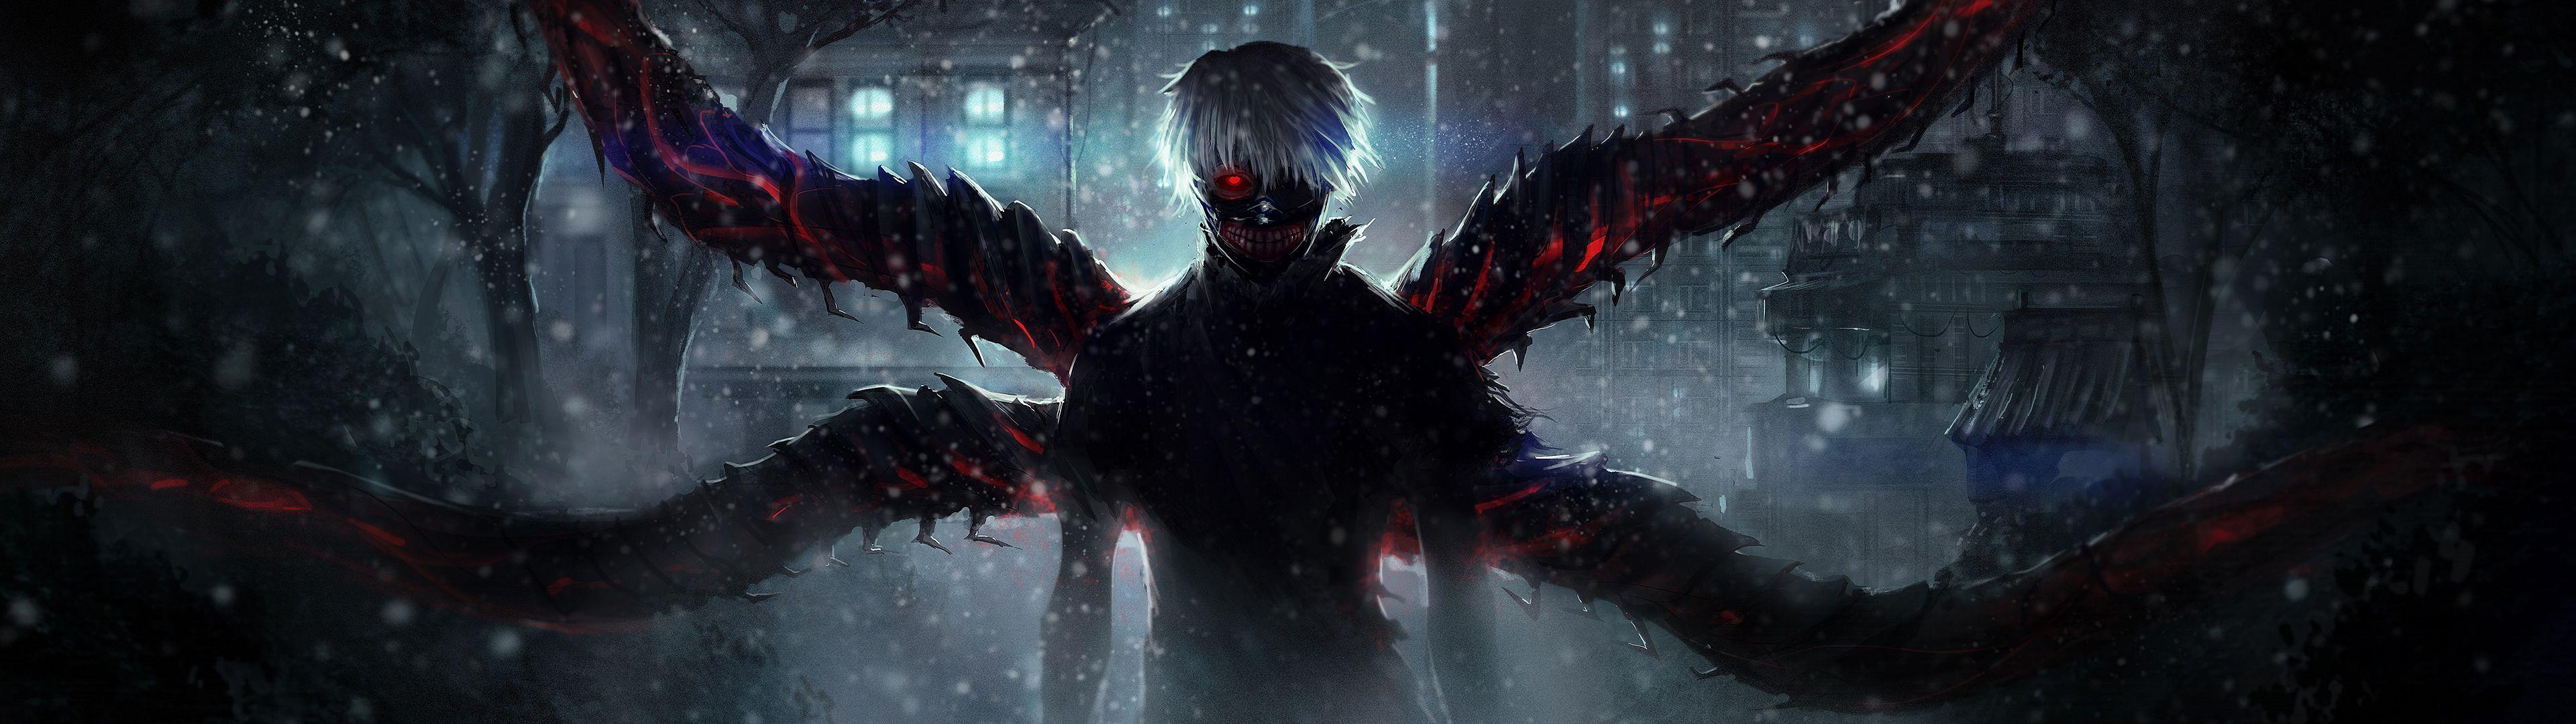 Anime Dual Screen Wallpapers - Top Free Anime Dual Screen ...